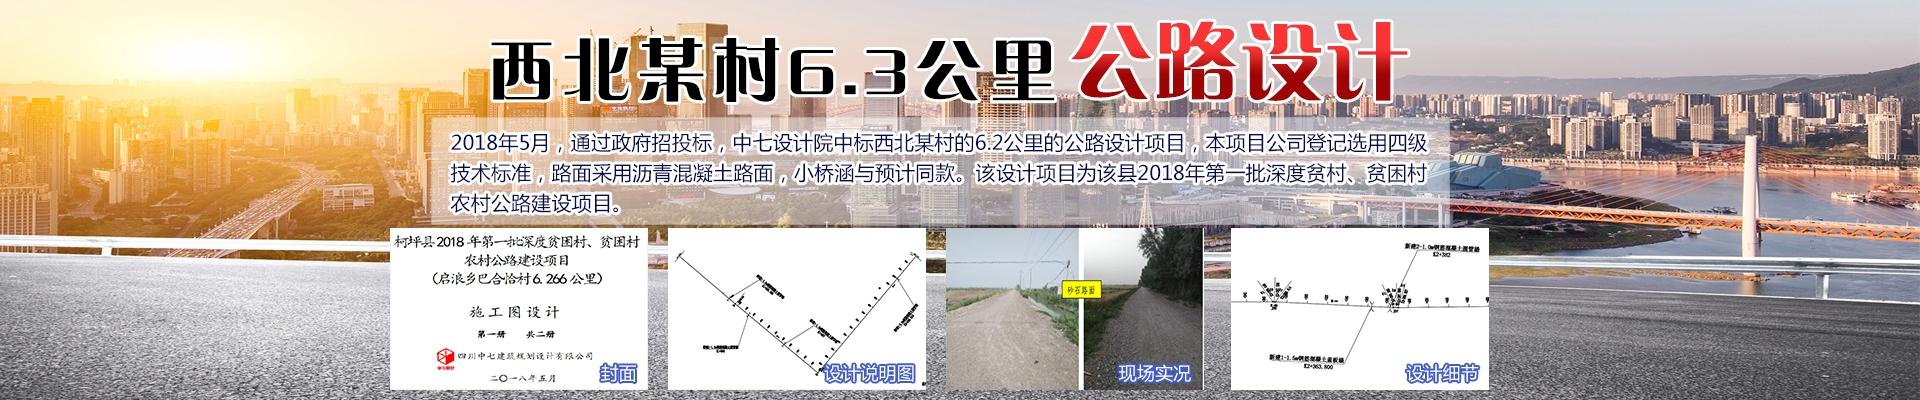 西北某村6.3公里公路设计